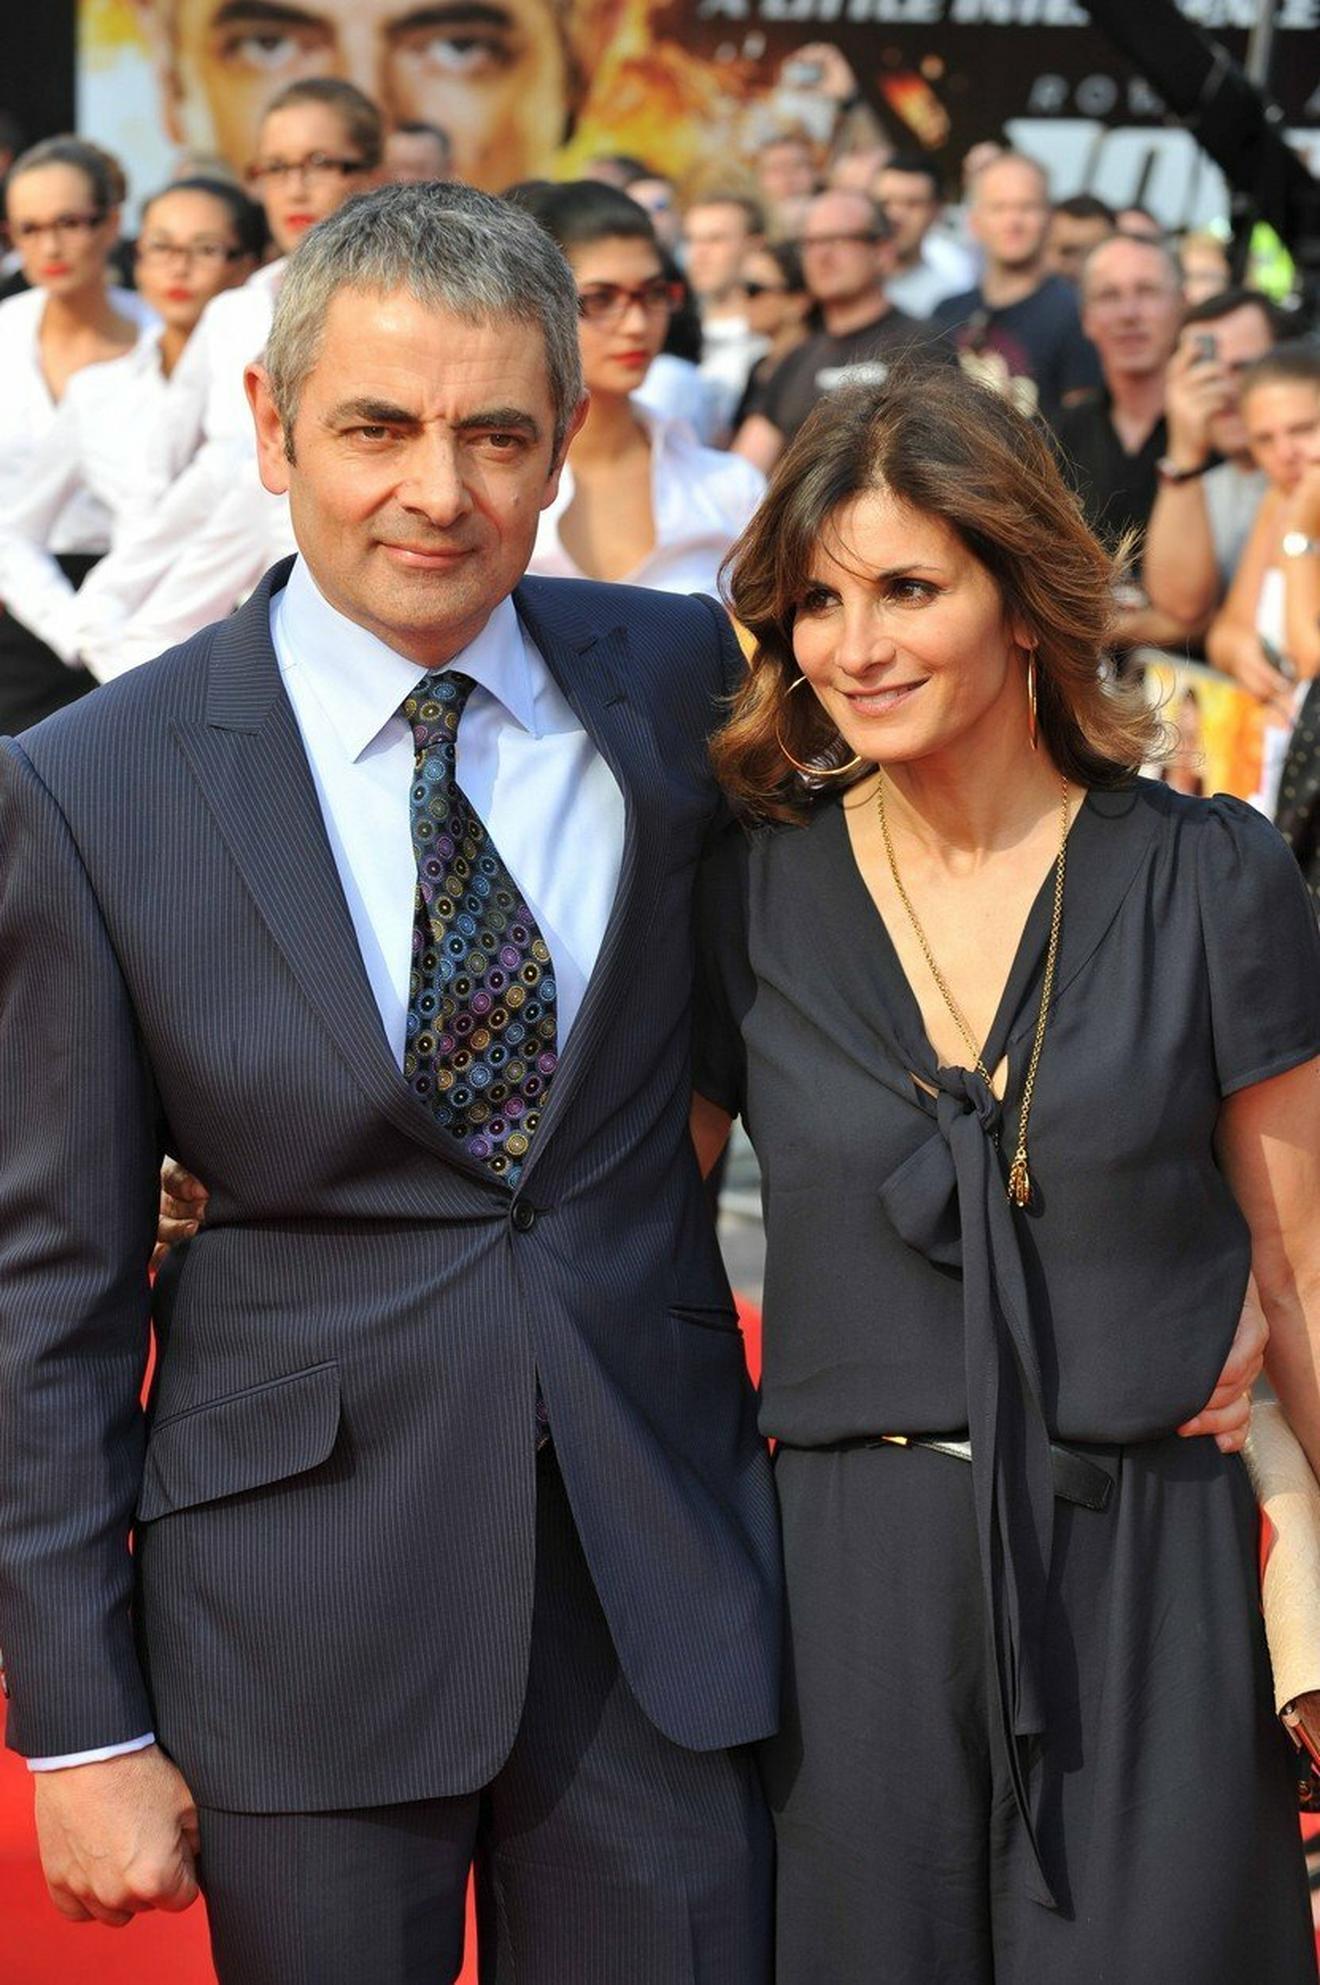 Jedno od poslednjih javnih pojavljivanja glumca i njegove prve supruge: SAnetri Sastri i Rouan Atkinson na premijeri filma